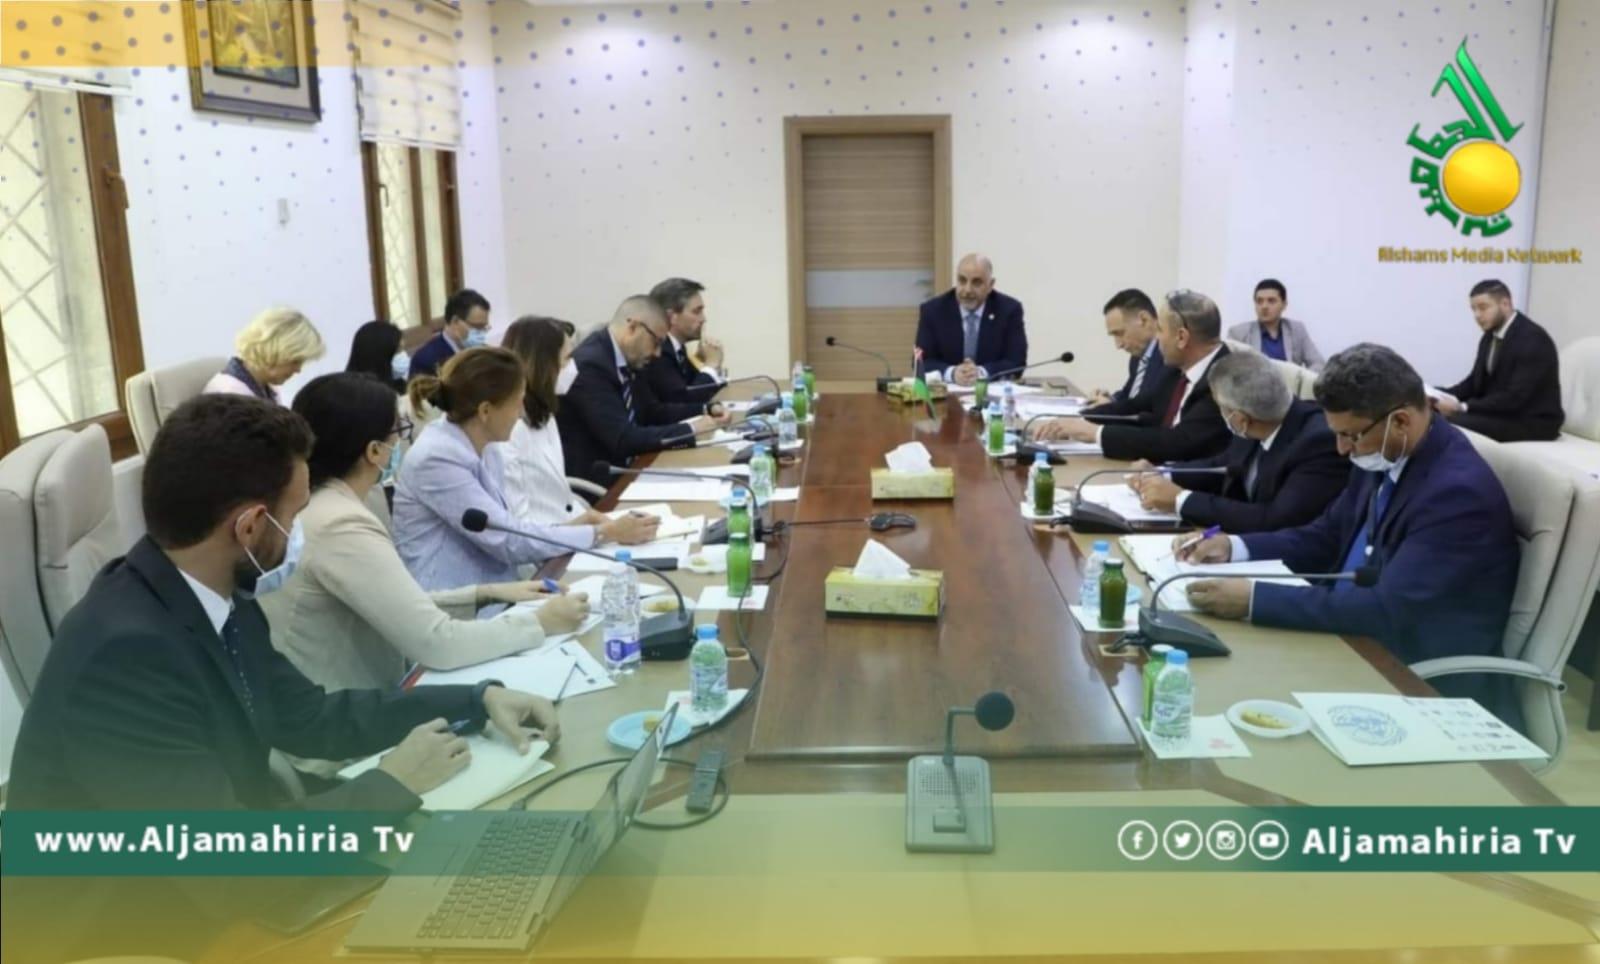 اجتماع تقابلي بين وزراء الدبيبة والاتحاد الاوروبي